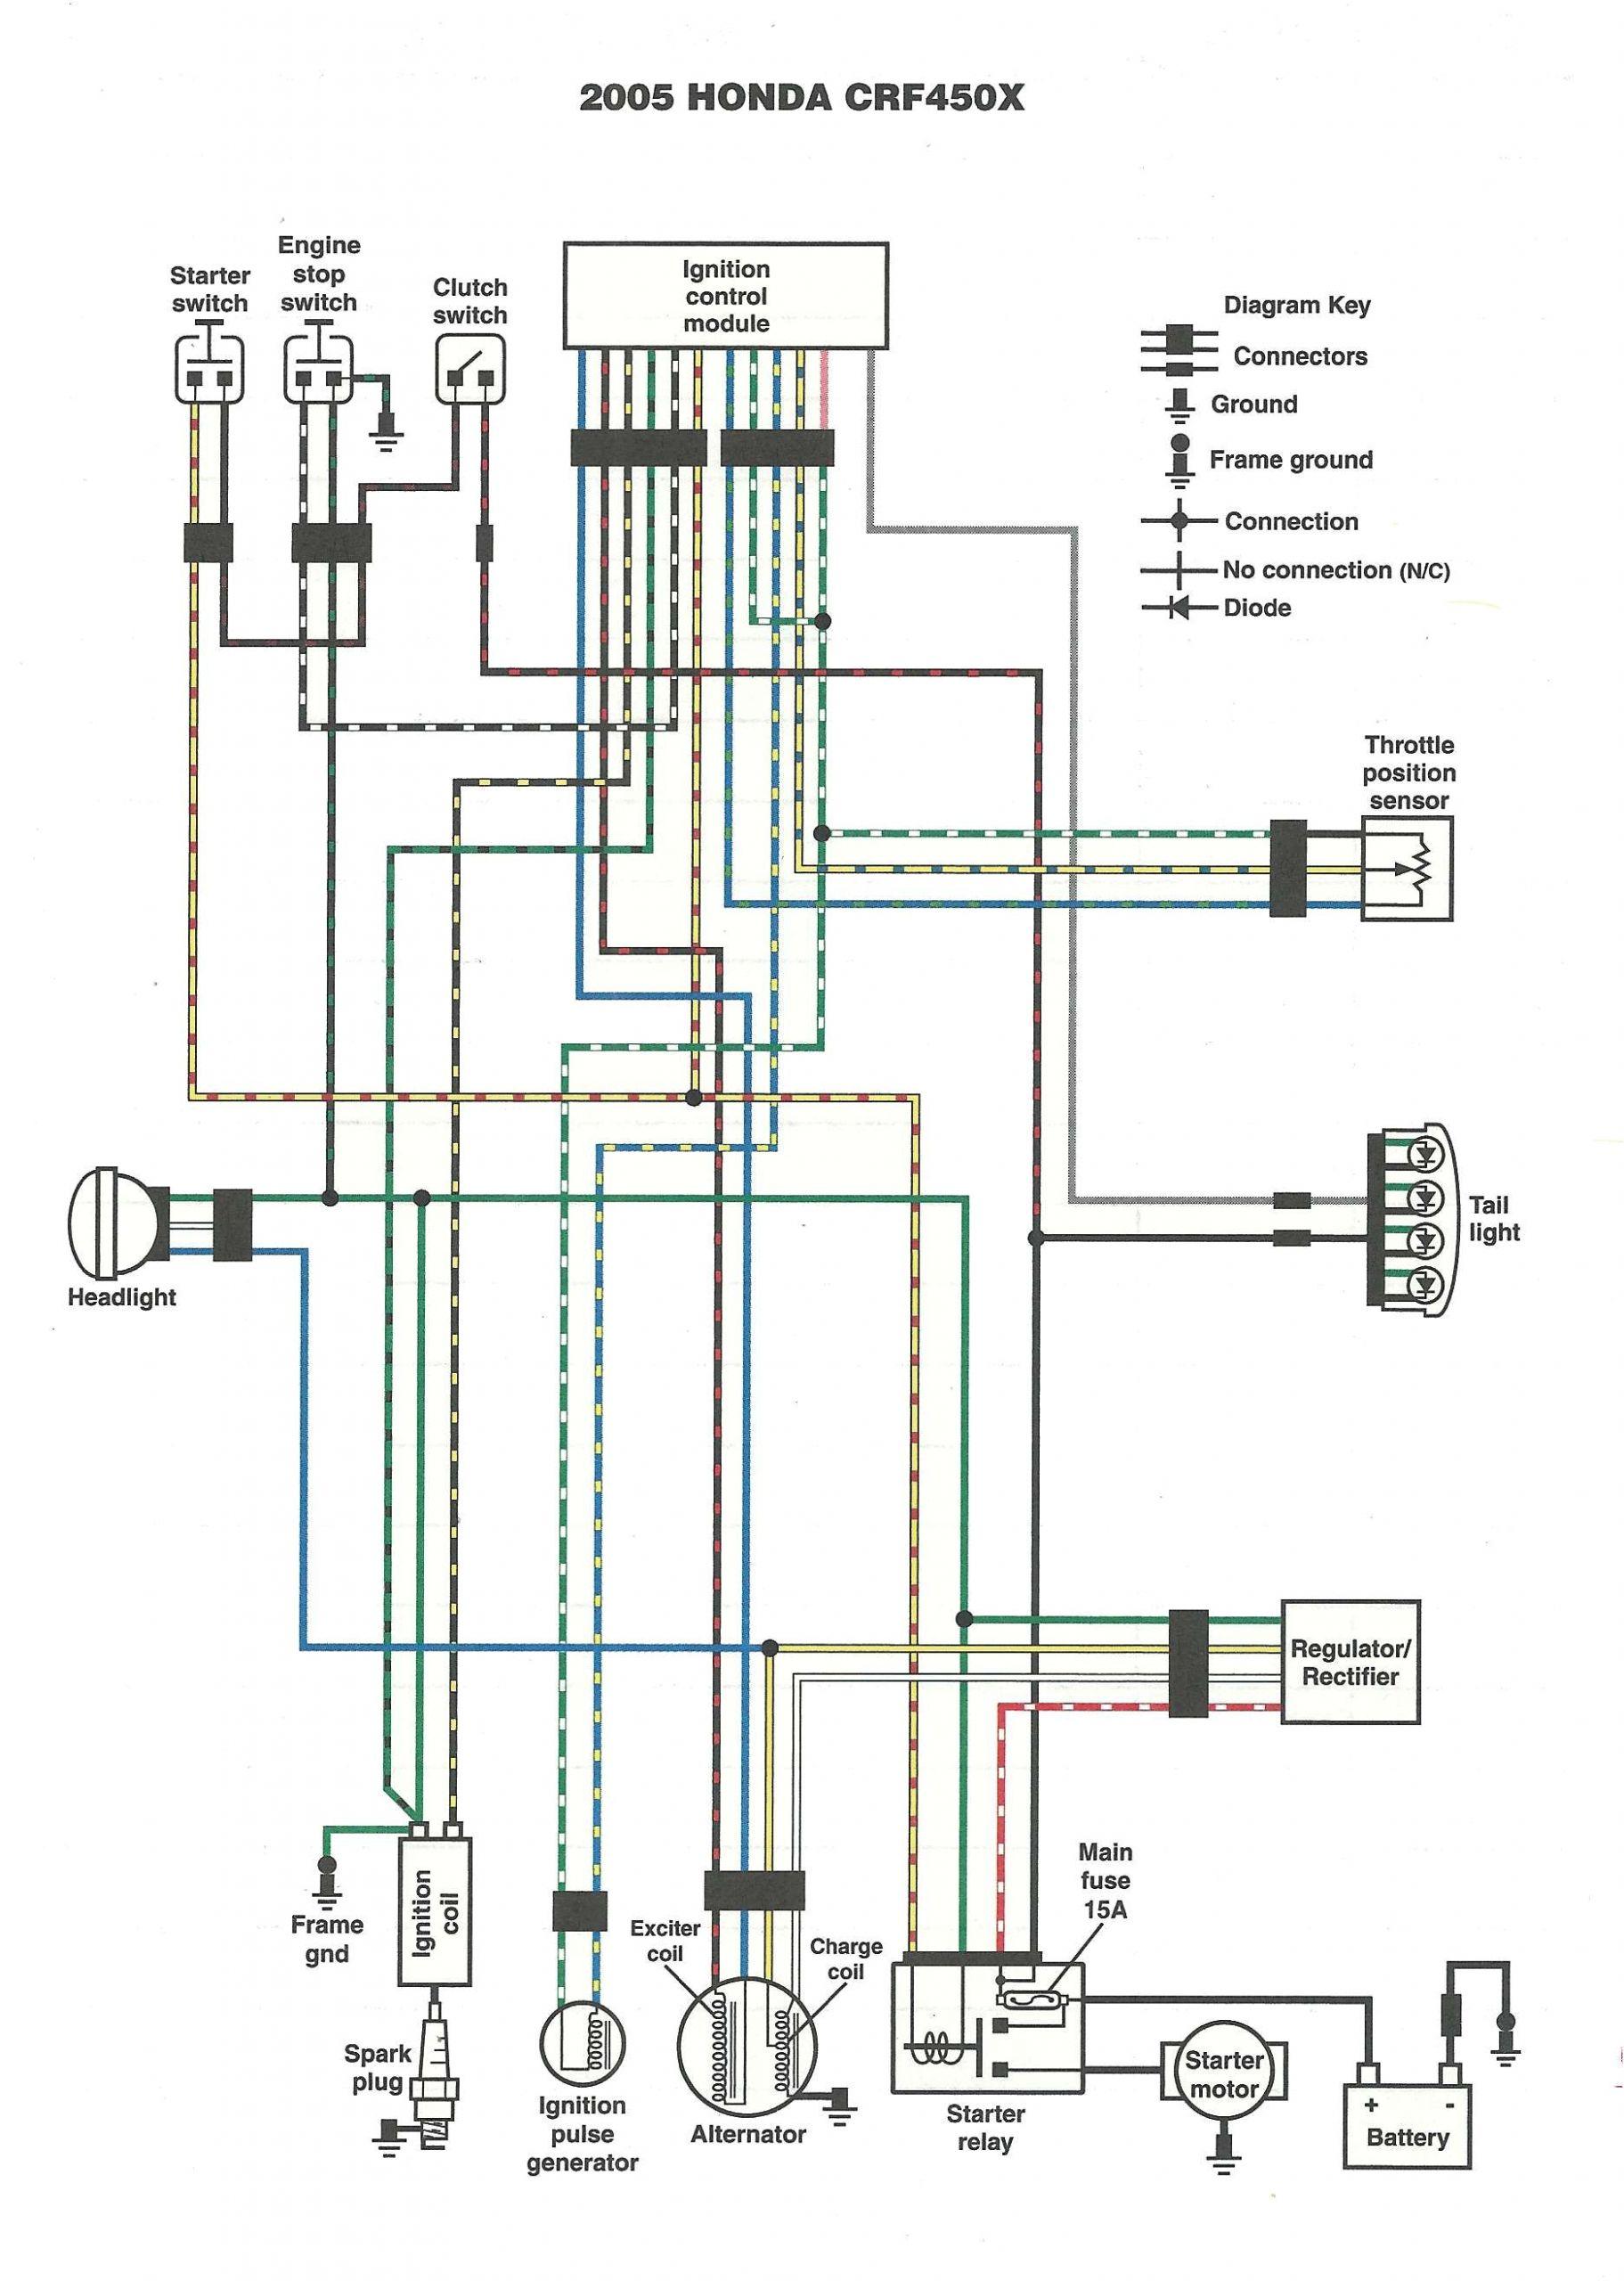 Mini Cooper Power Steering Pump Wiring Diagram 94f10 Suzuki Multicab Wiring Diagram Wiring Resources